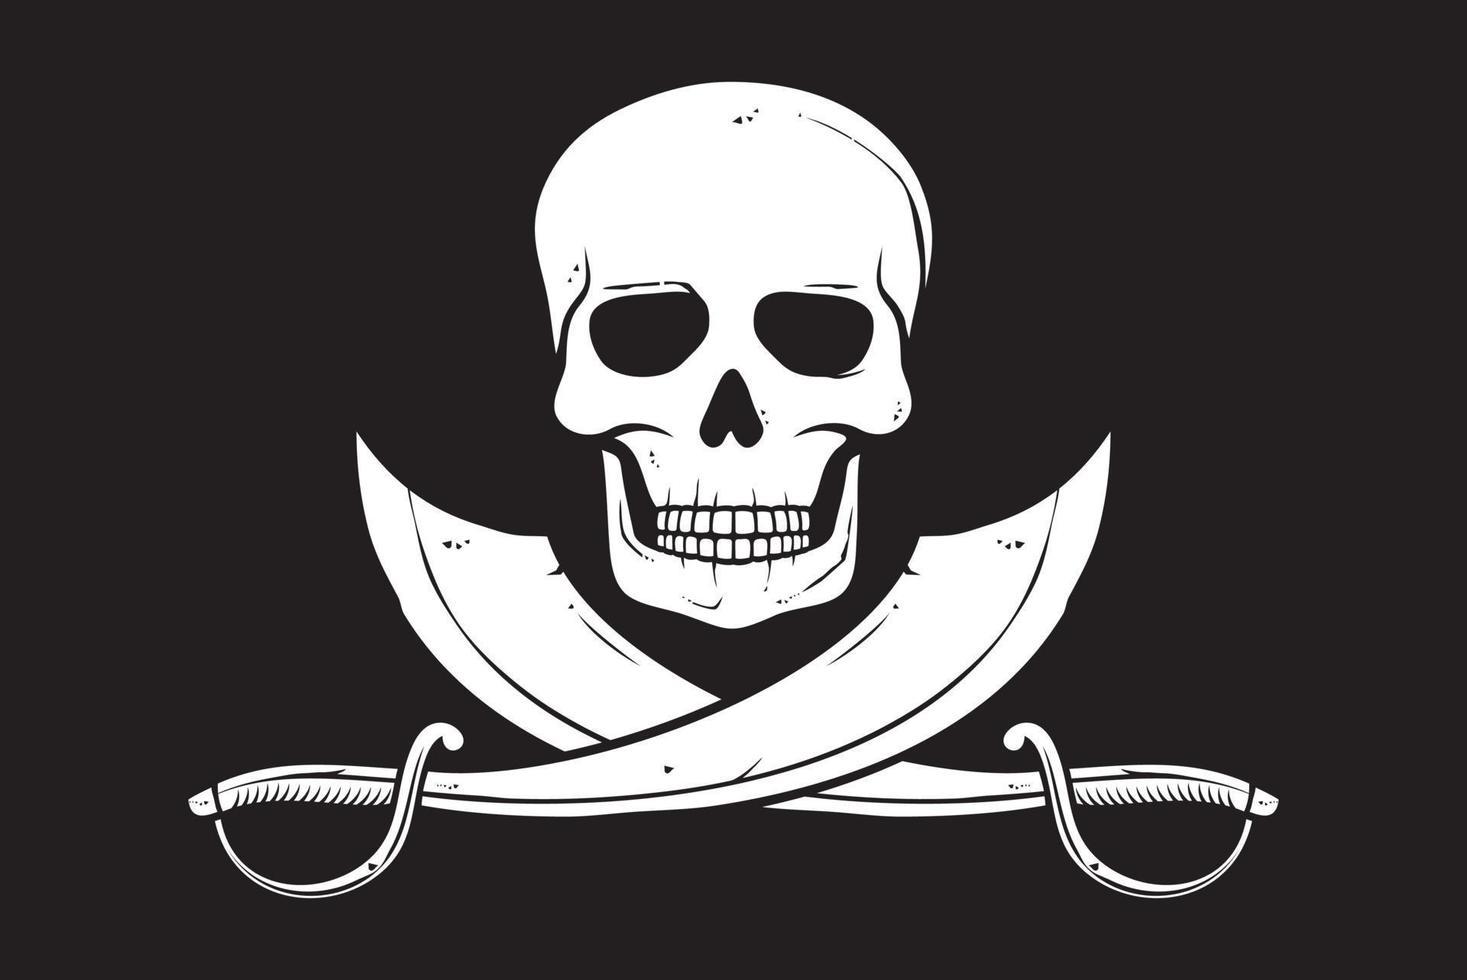 bandiera pirata teschio e sciabole incrociate illustrazione vettoriale